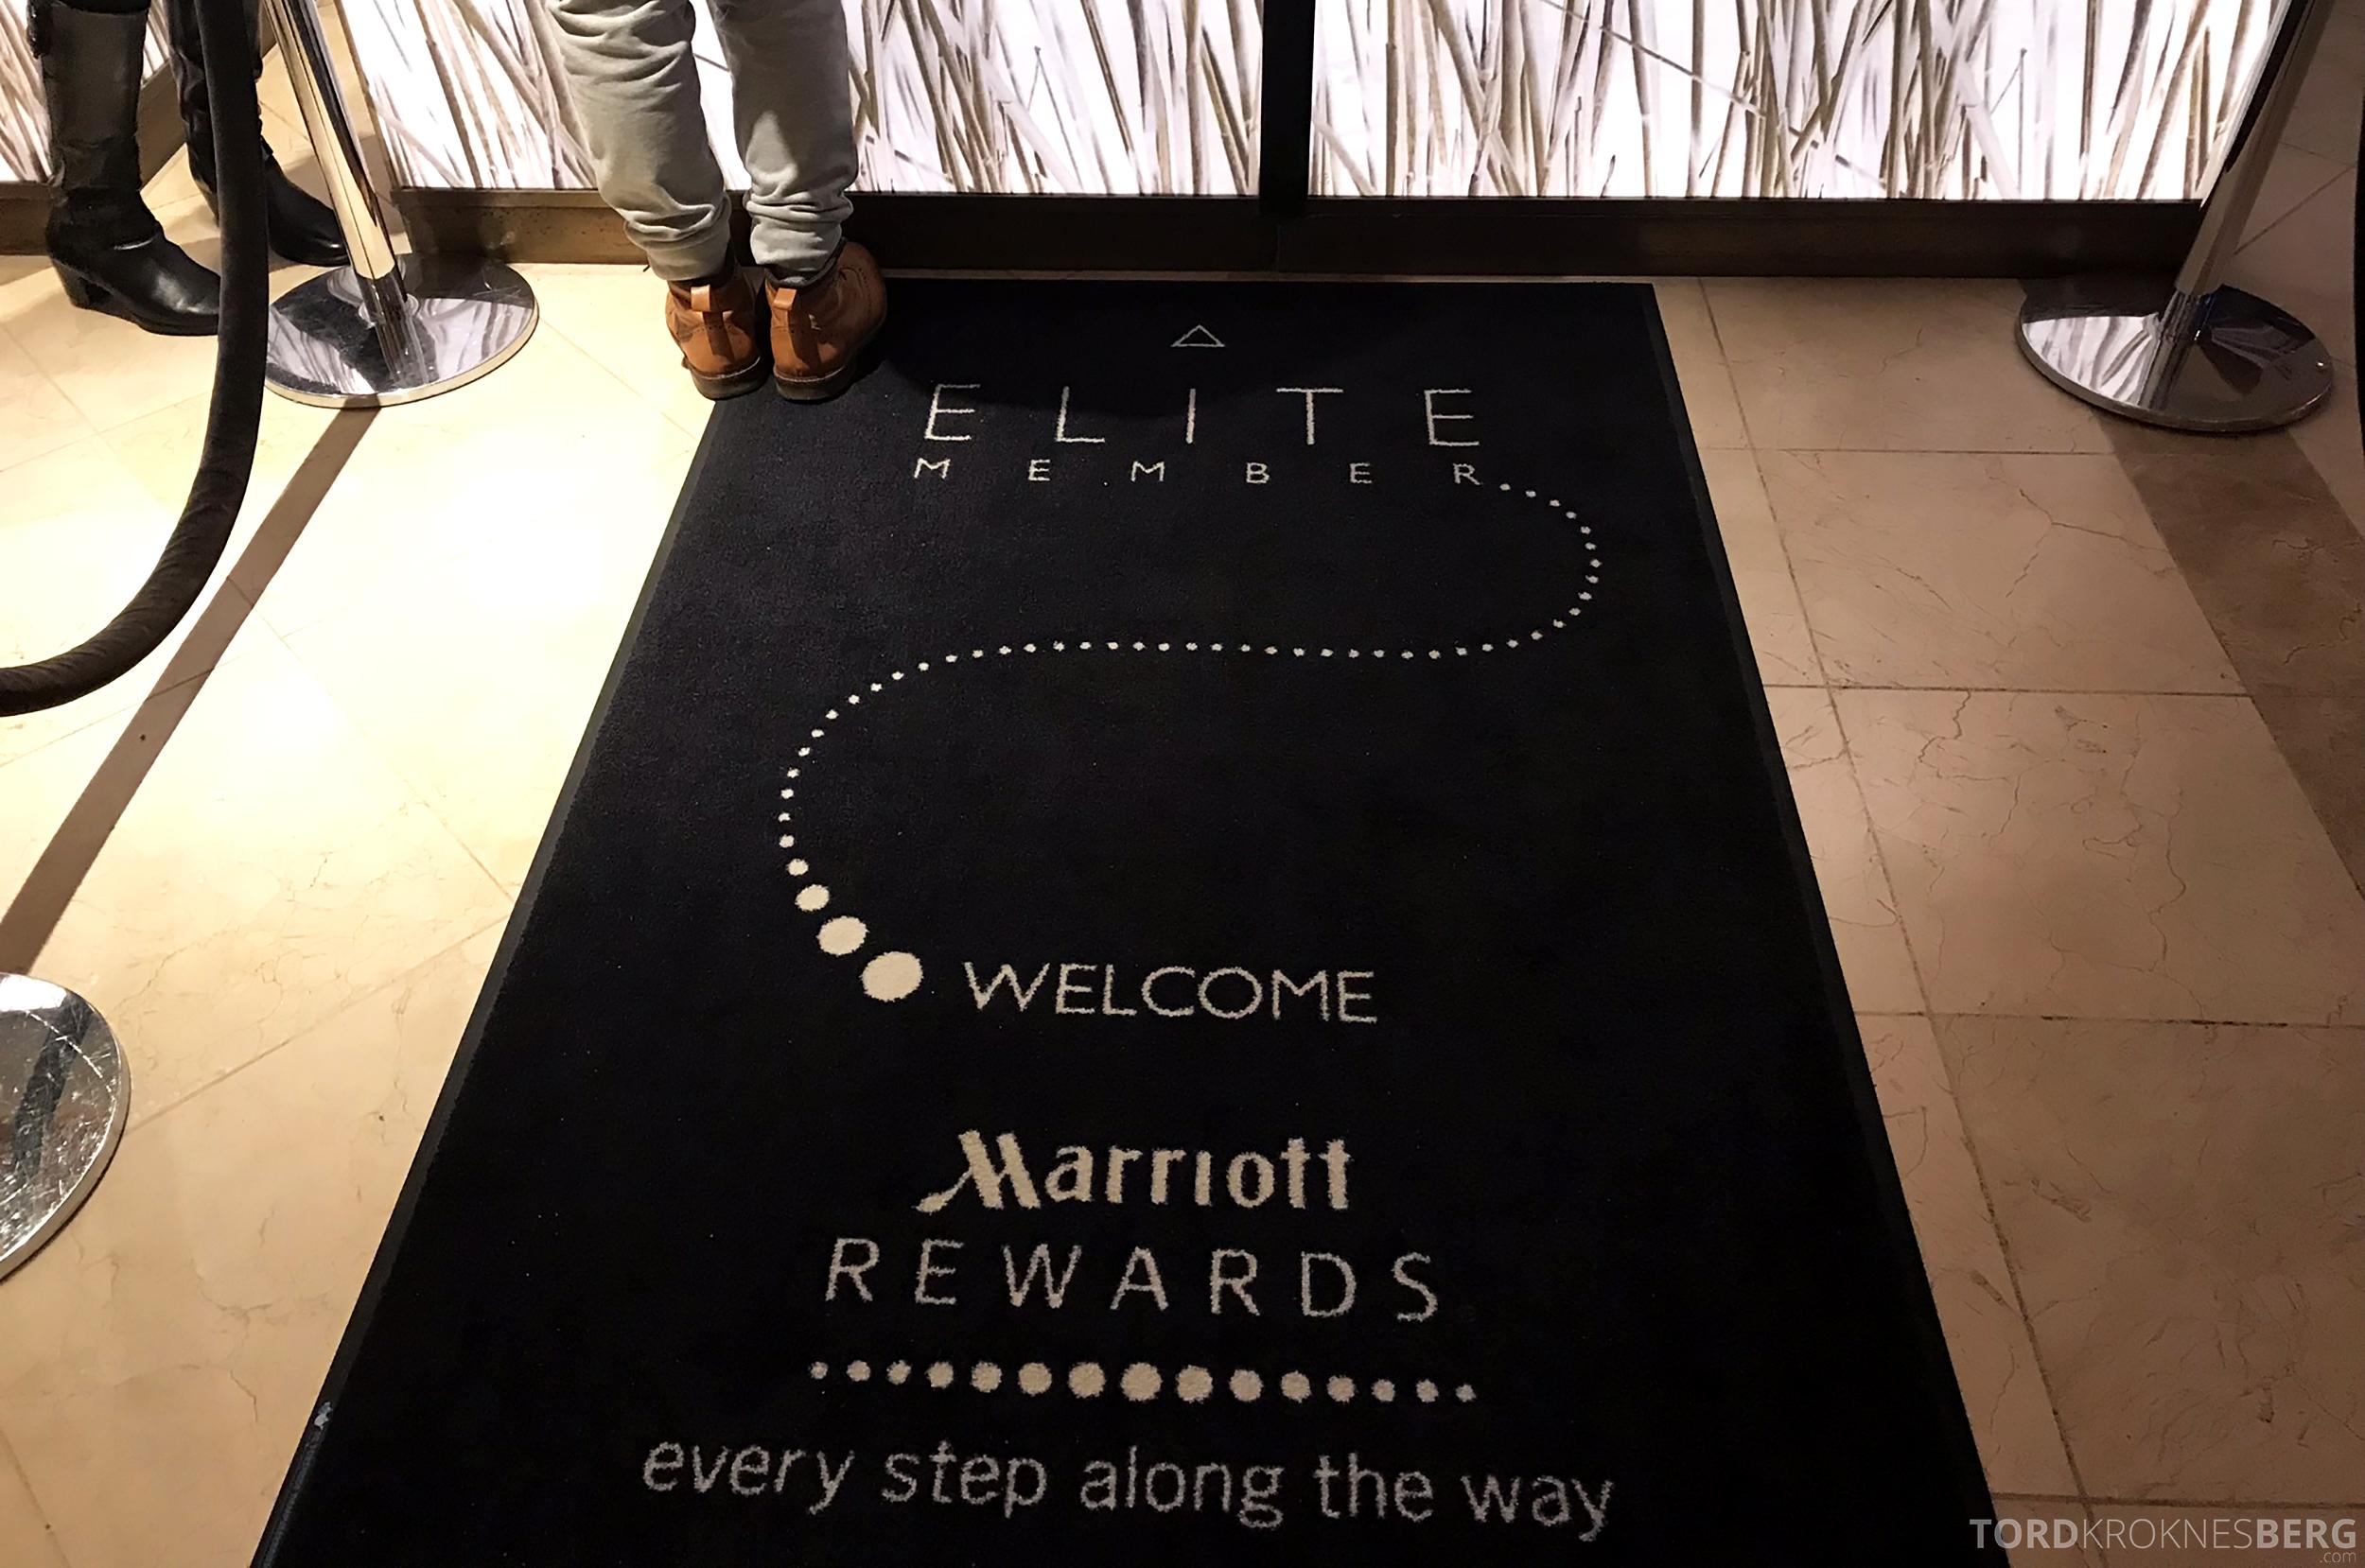 Marriott Copenhagen Hotel elite member